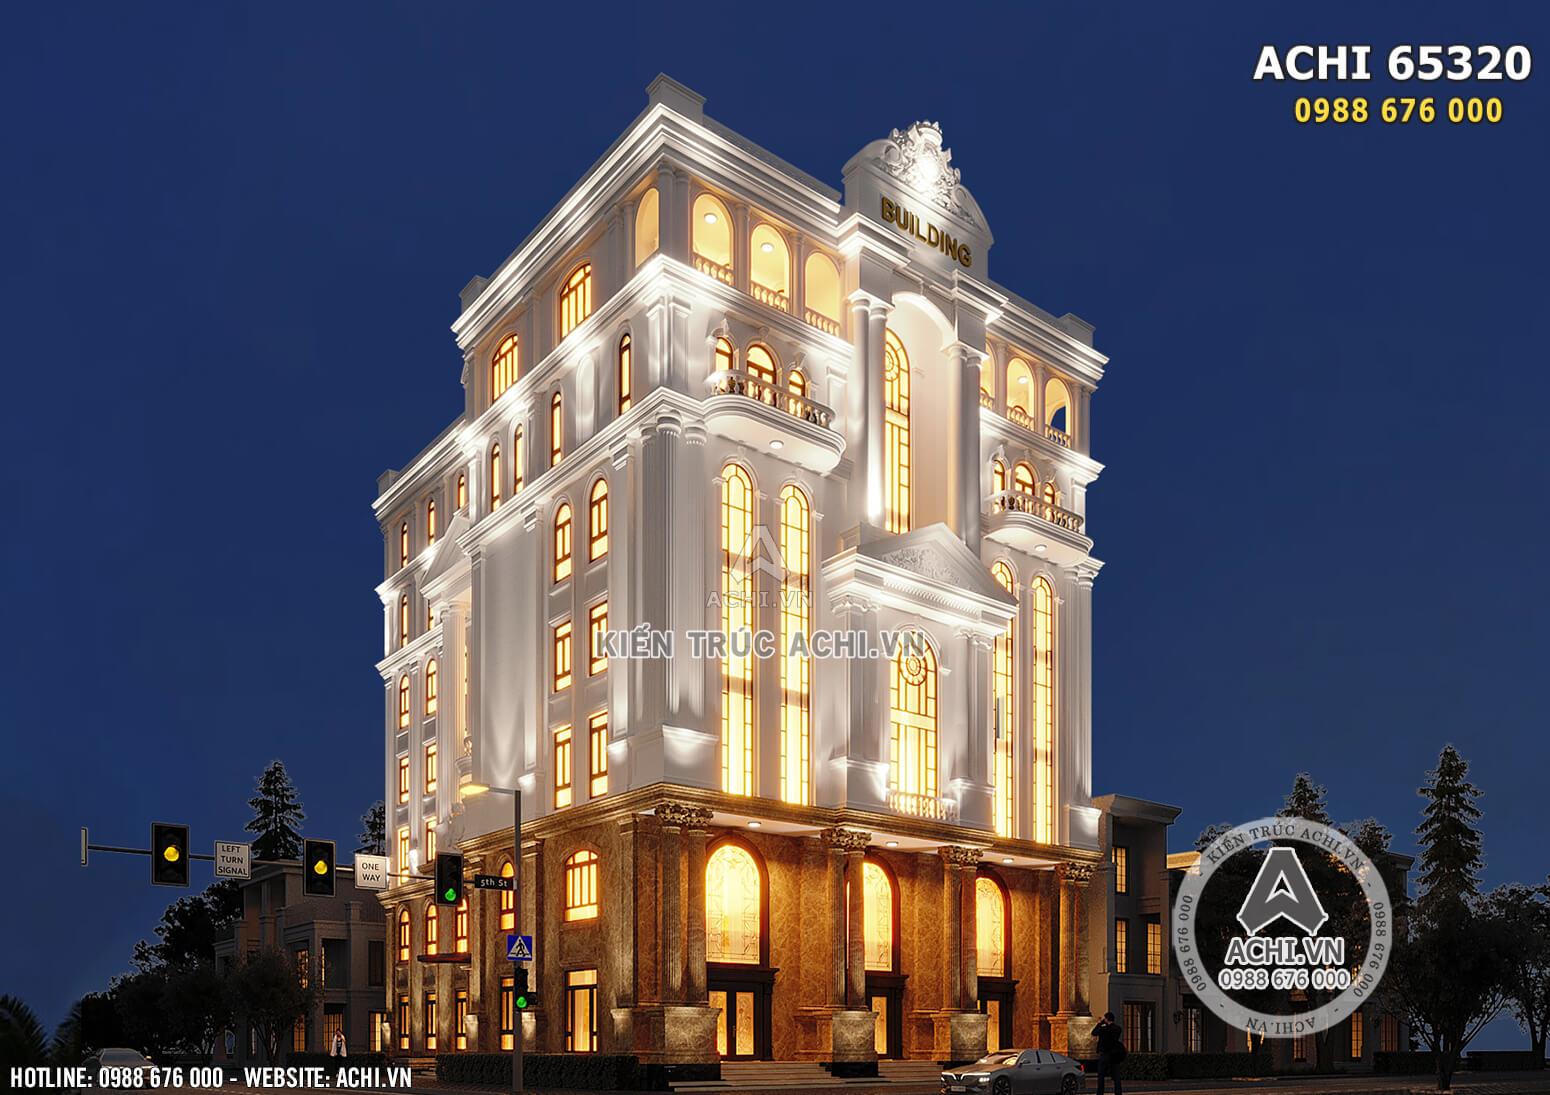 Hình ảnh: Tòa nhà văn phòng 7 tầng 2 mặt tiền được thiết kế theo lối kiến trúc tân cổ điển